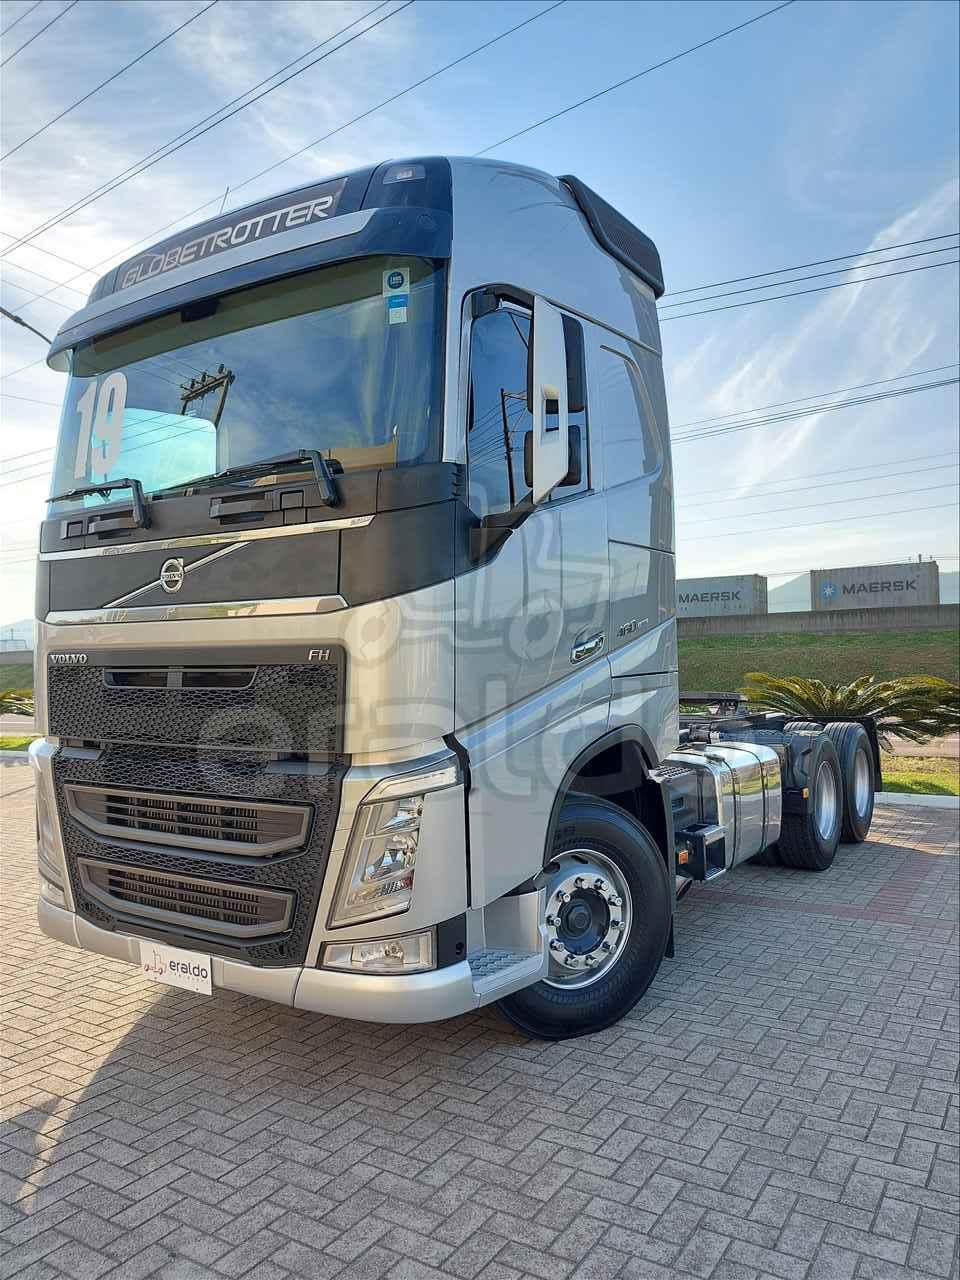 CAMINHAO VOLVO VOLVO FH 460 Chassis Truck 6x2 Eraldo Caminhões TUBARAO SANTA CATARINA SC